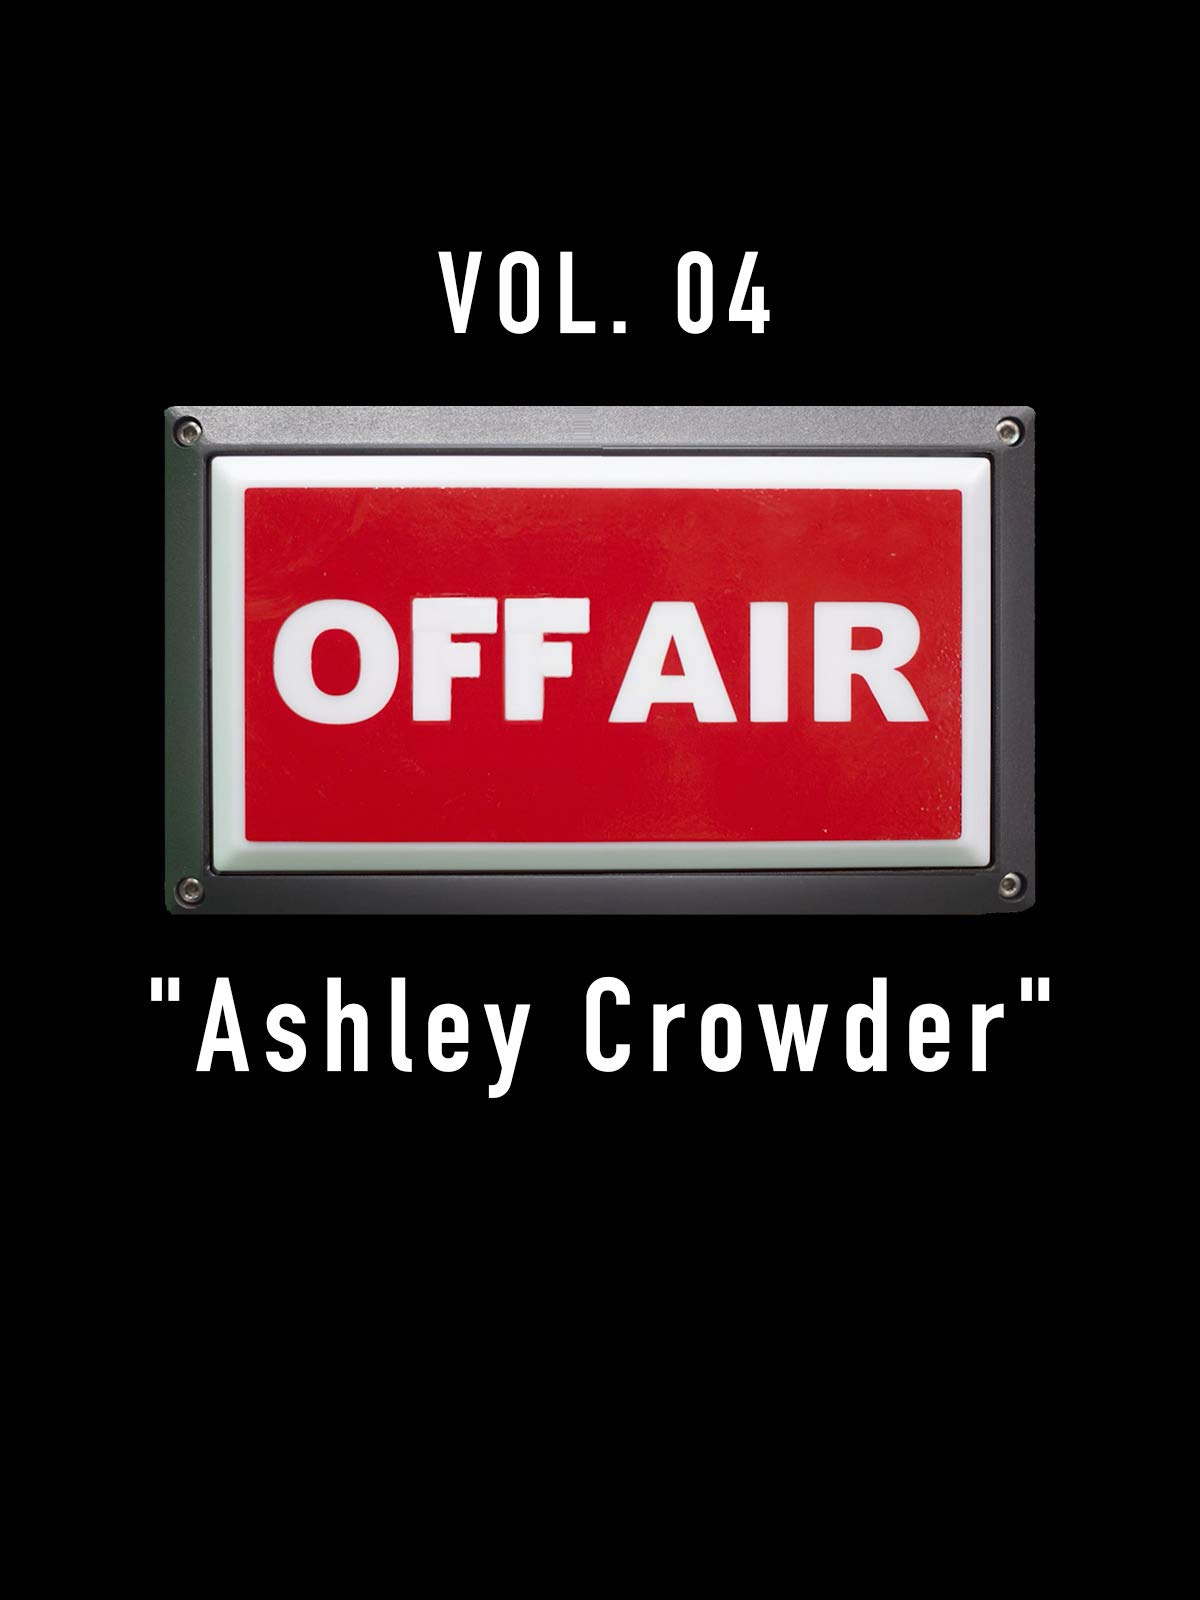 Off-Air Vol. 04